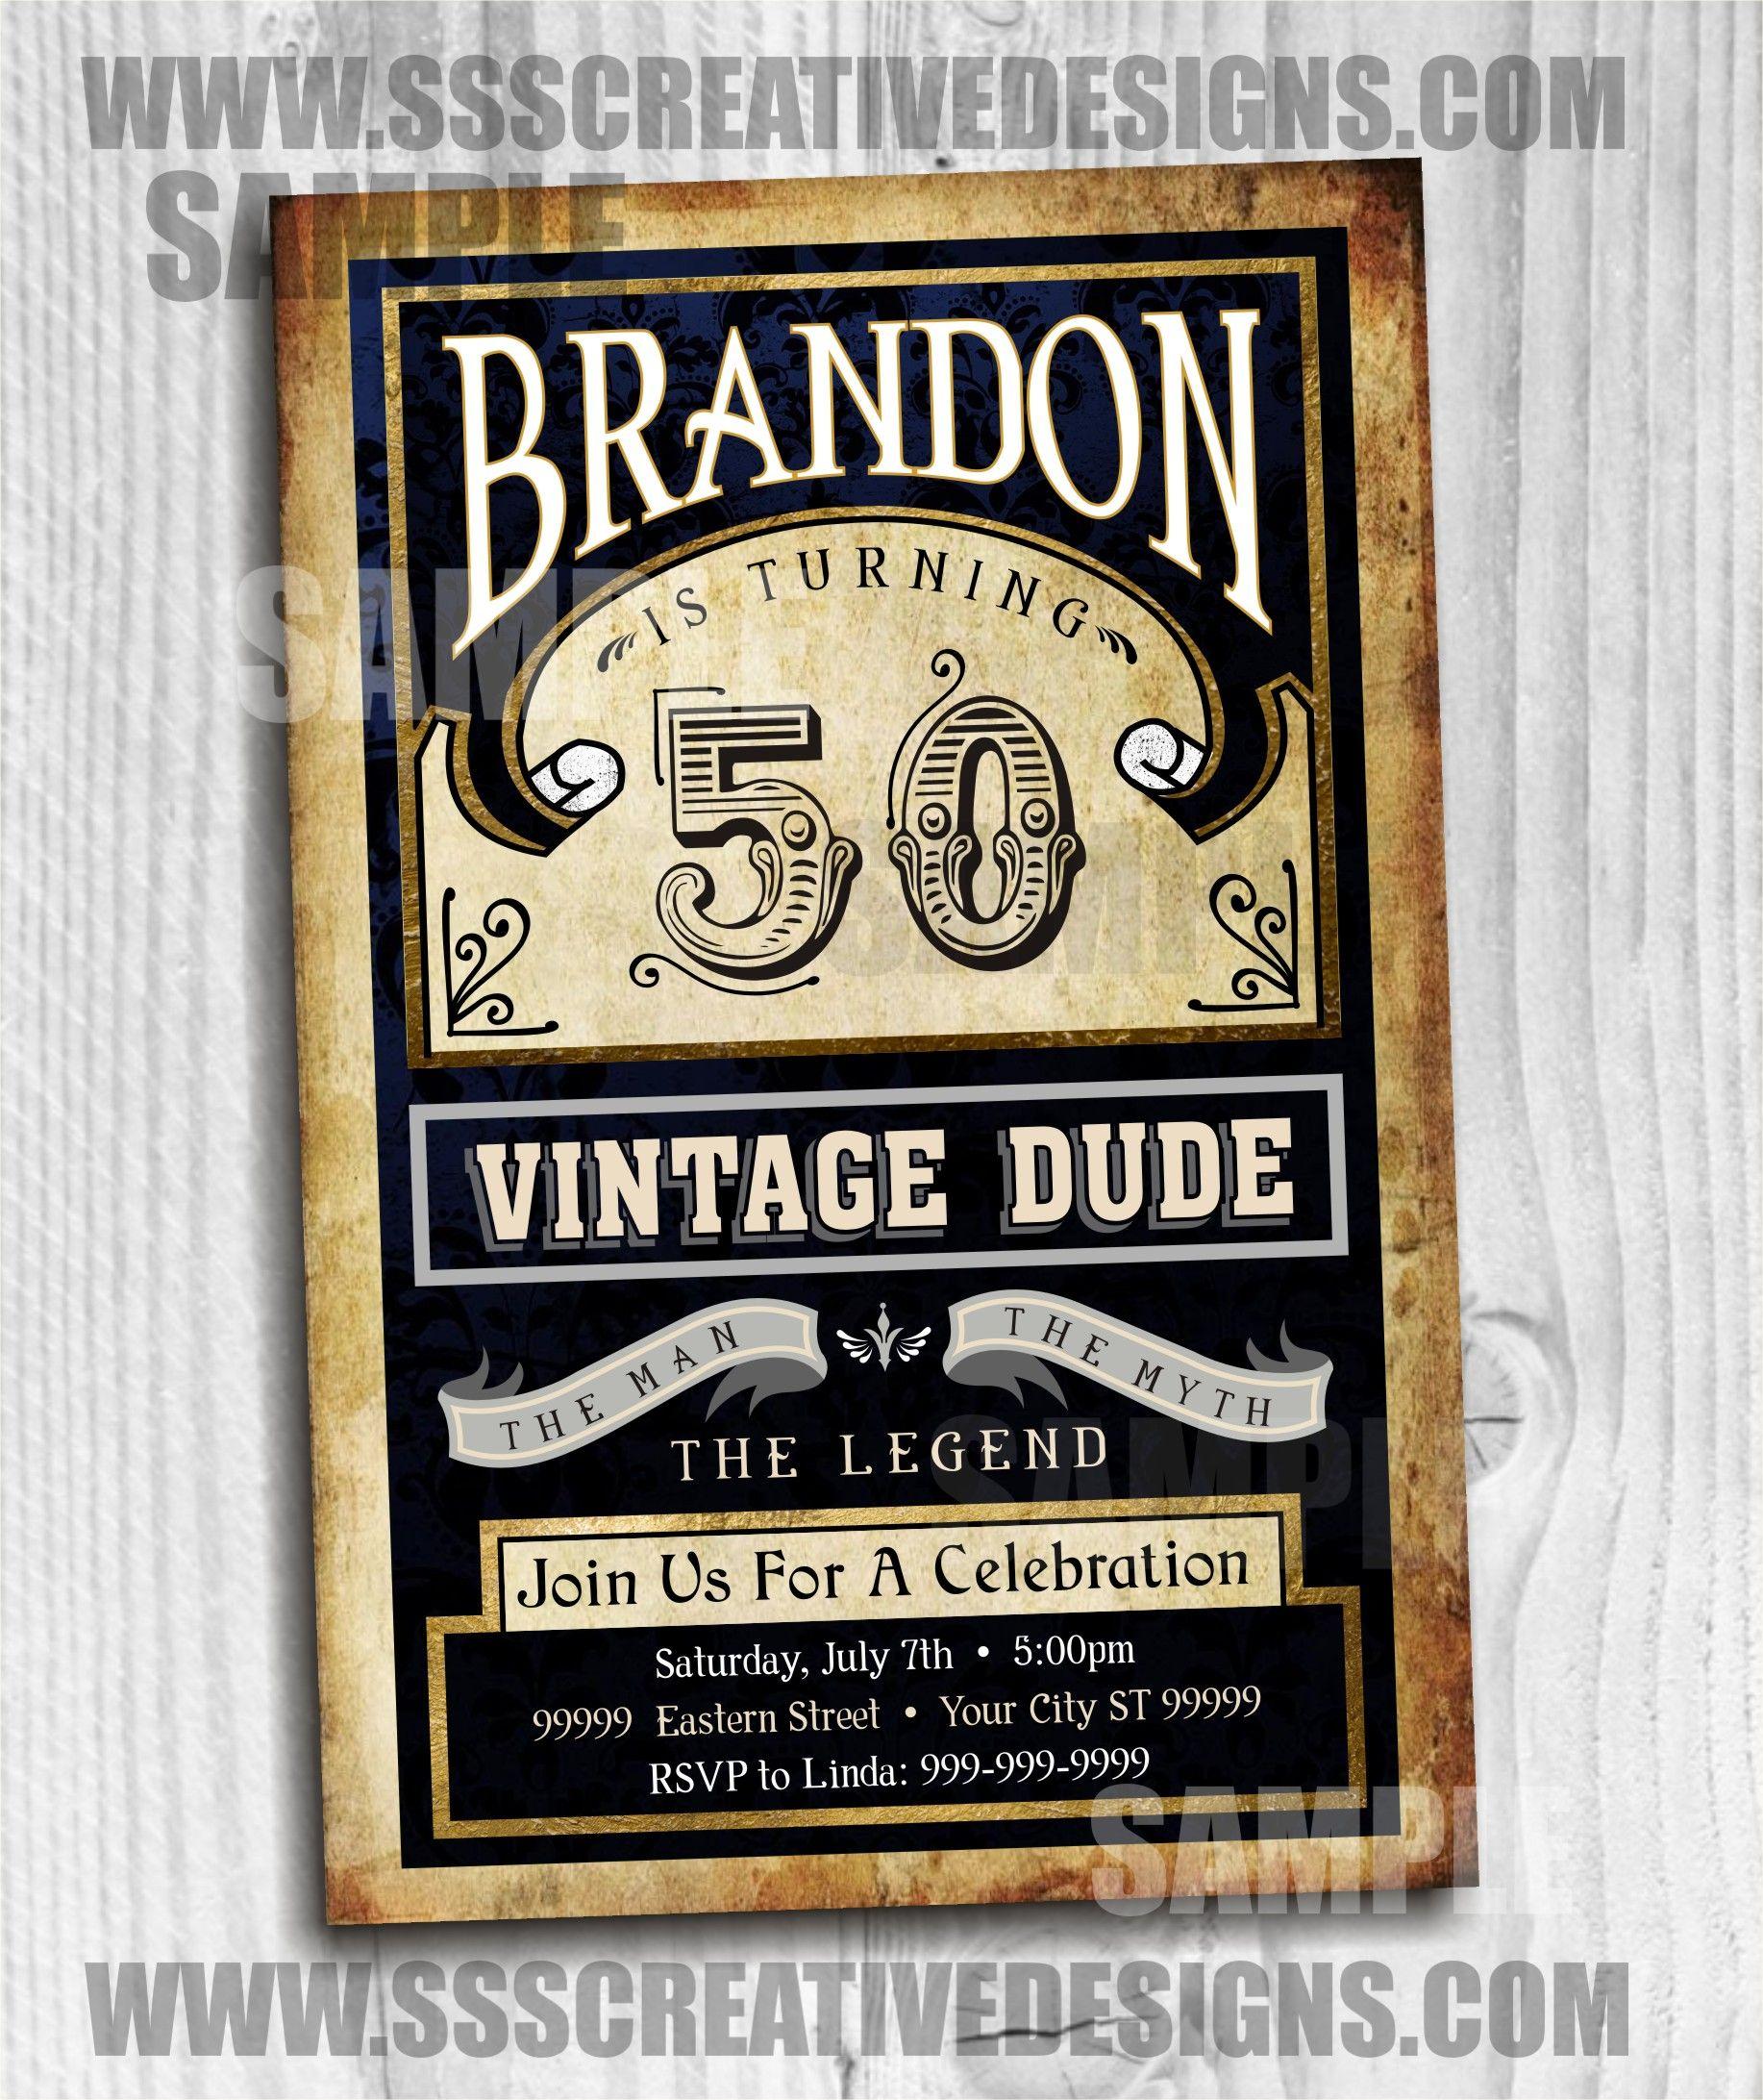 Vintage Dude Retro Old School Digital Printable Birthday Invitation 1142 Vintage Birthday Invitations Retro Invitation Happy Birthday Cards Printable